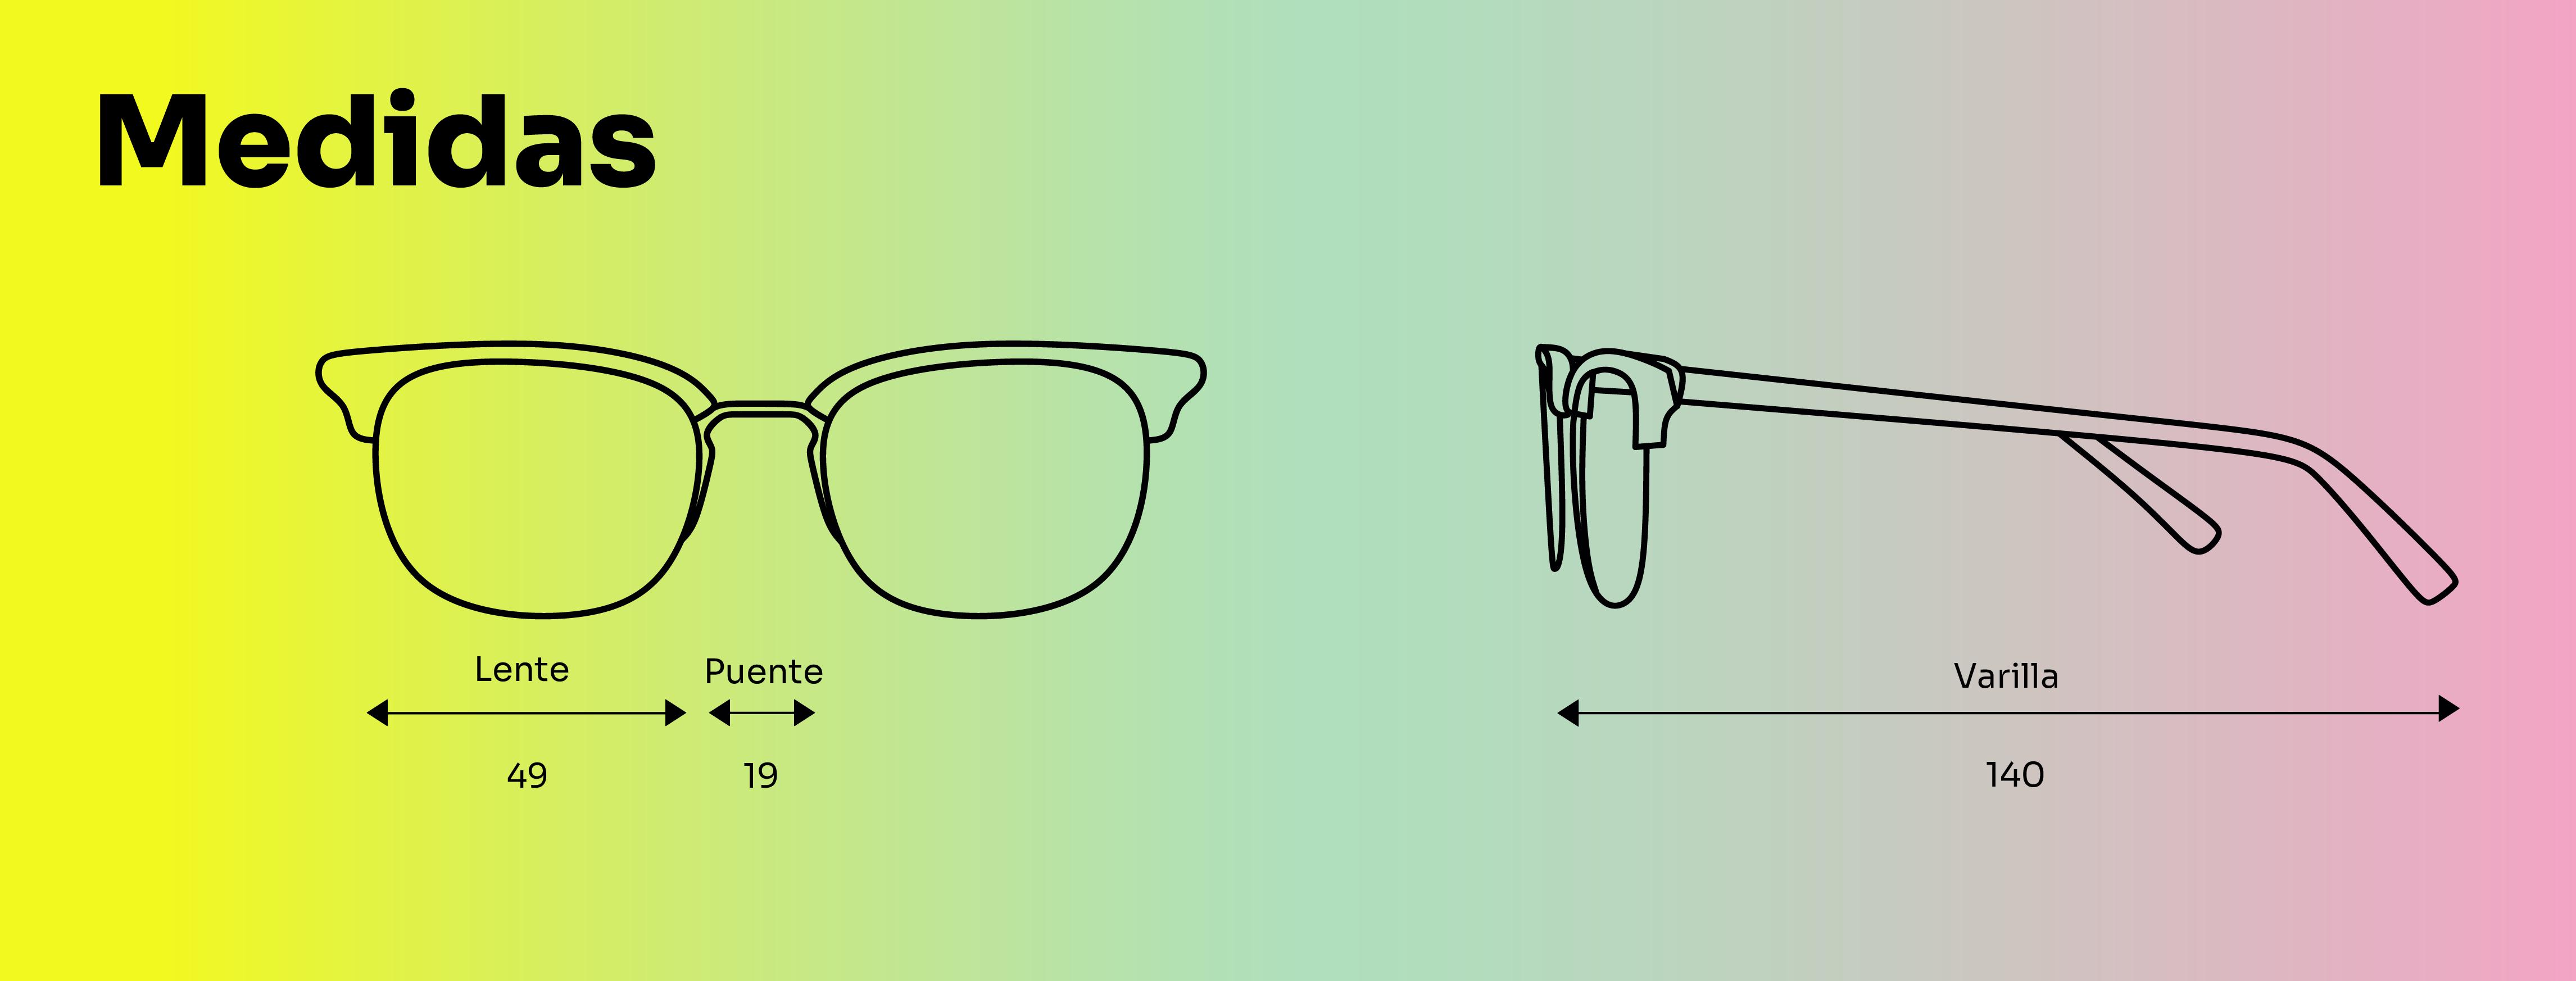 medidas-montura-de-gafas-graduadas-de-marca-Joy